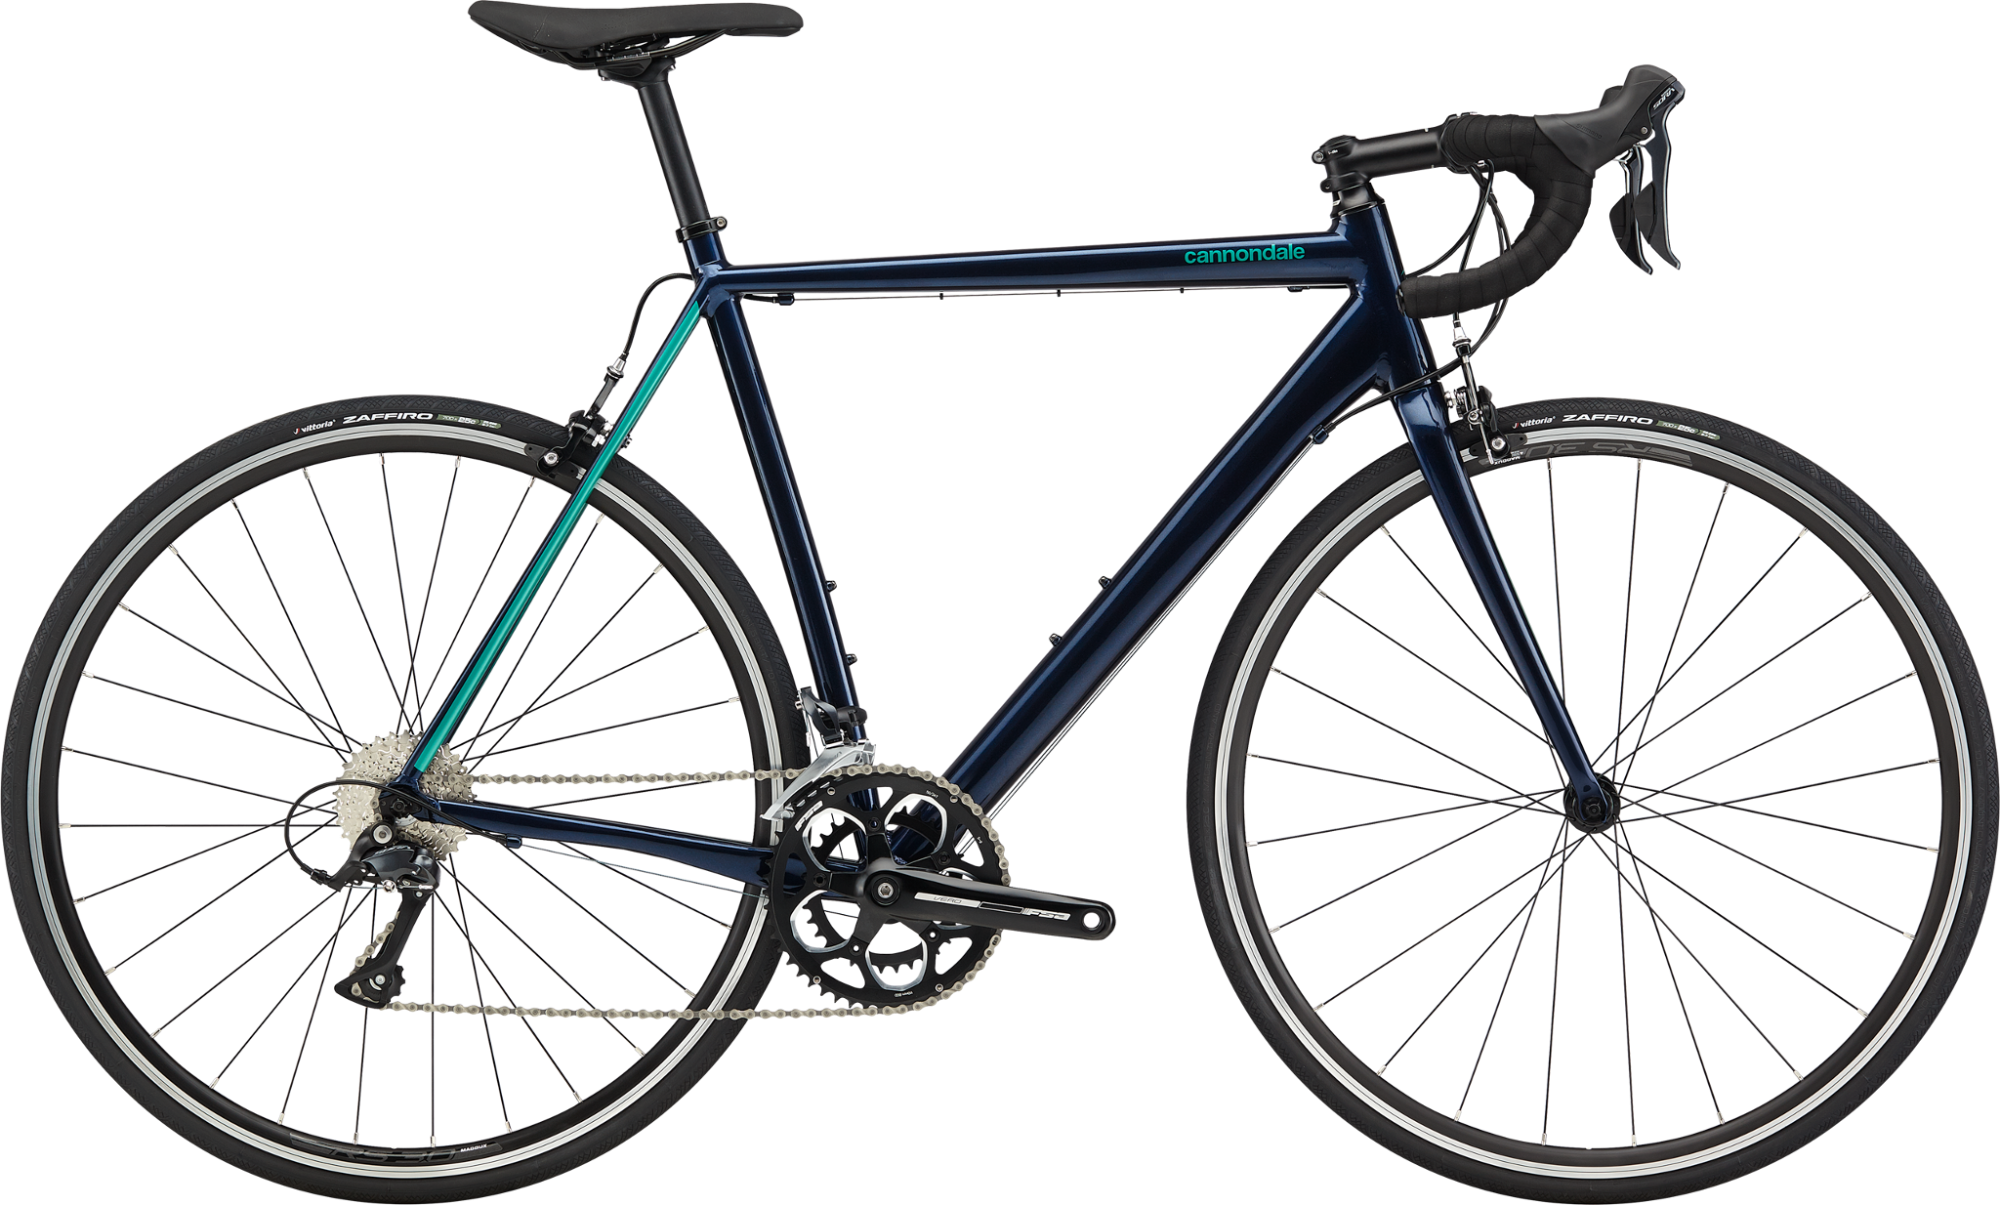 Bicicleta Speed Cannondale Caad Optimo Sora 2020